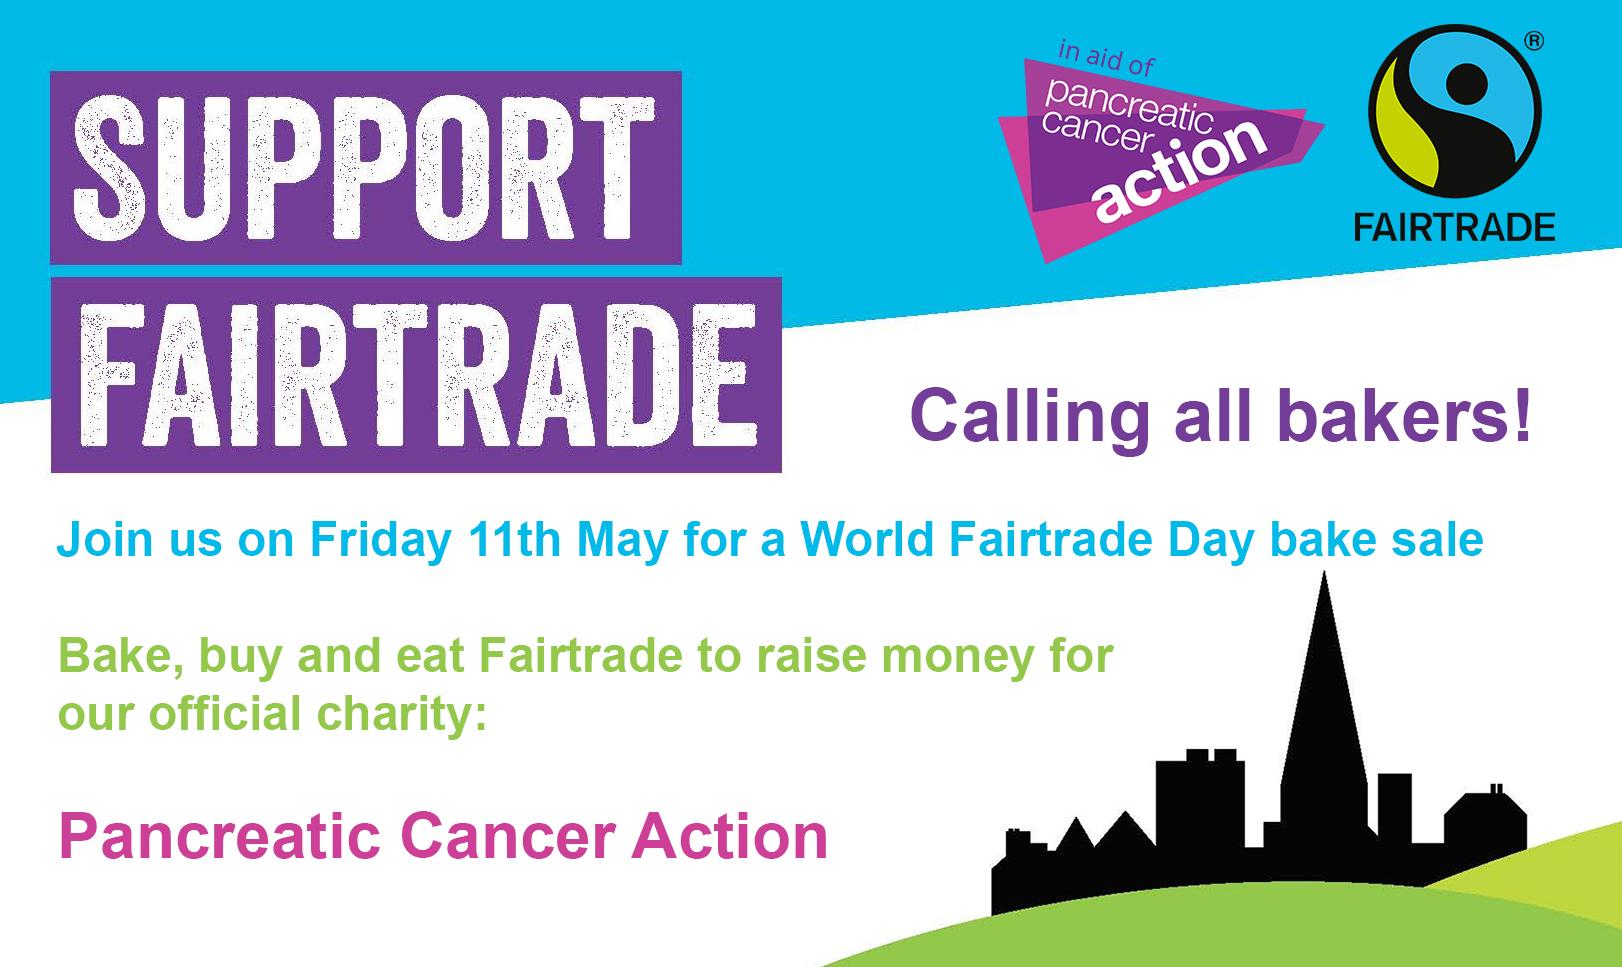 Fairtrade bake sale